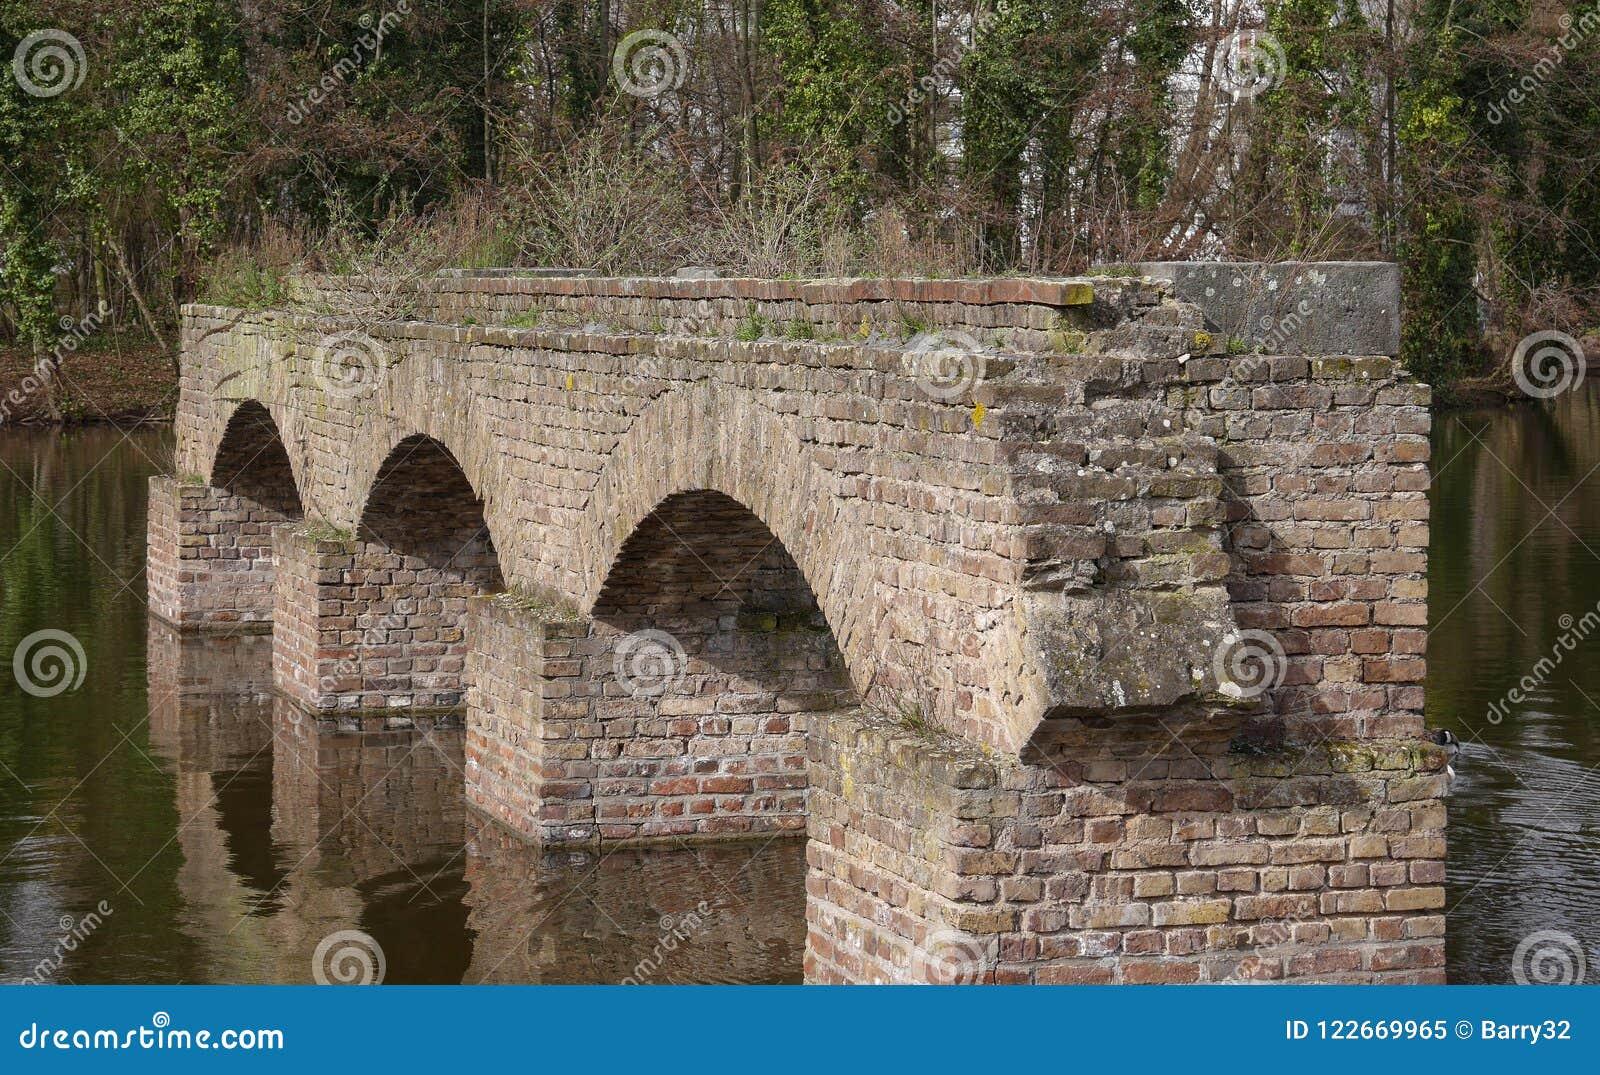 Обмылки старого римского мост-водовода, в озере в Кёльне, Германия